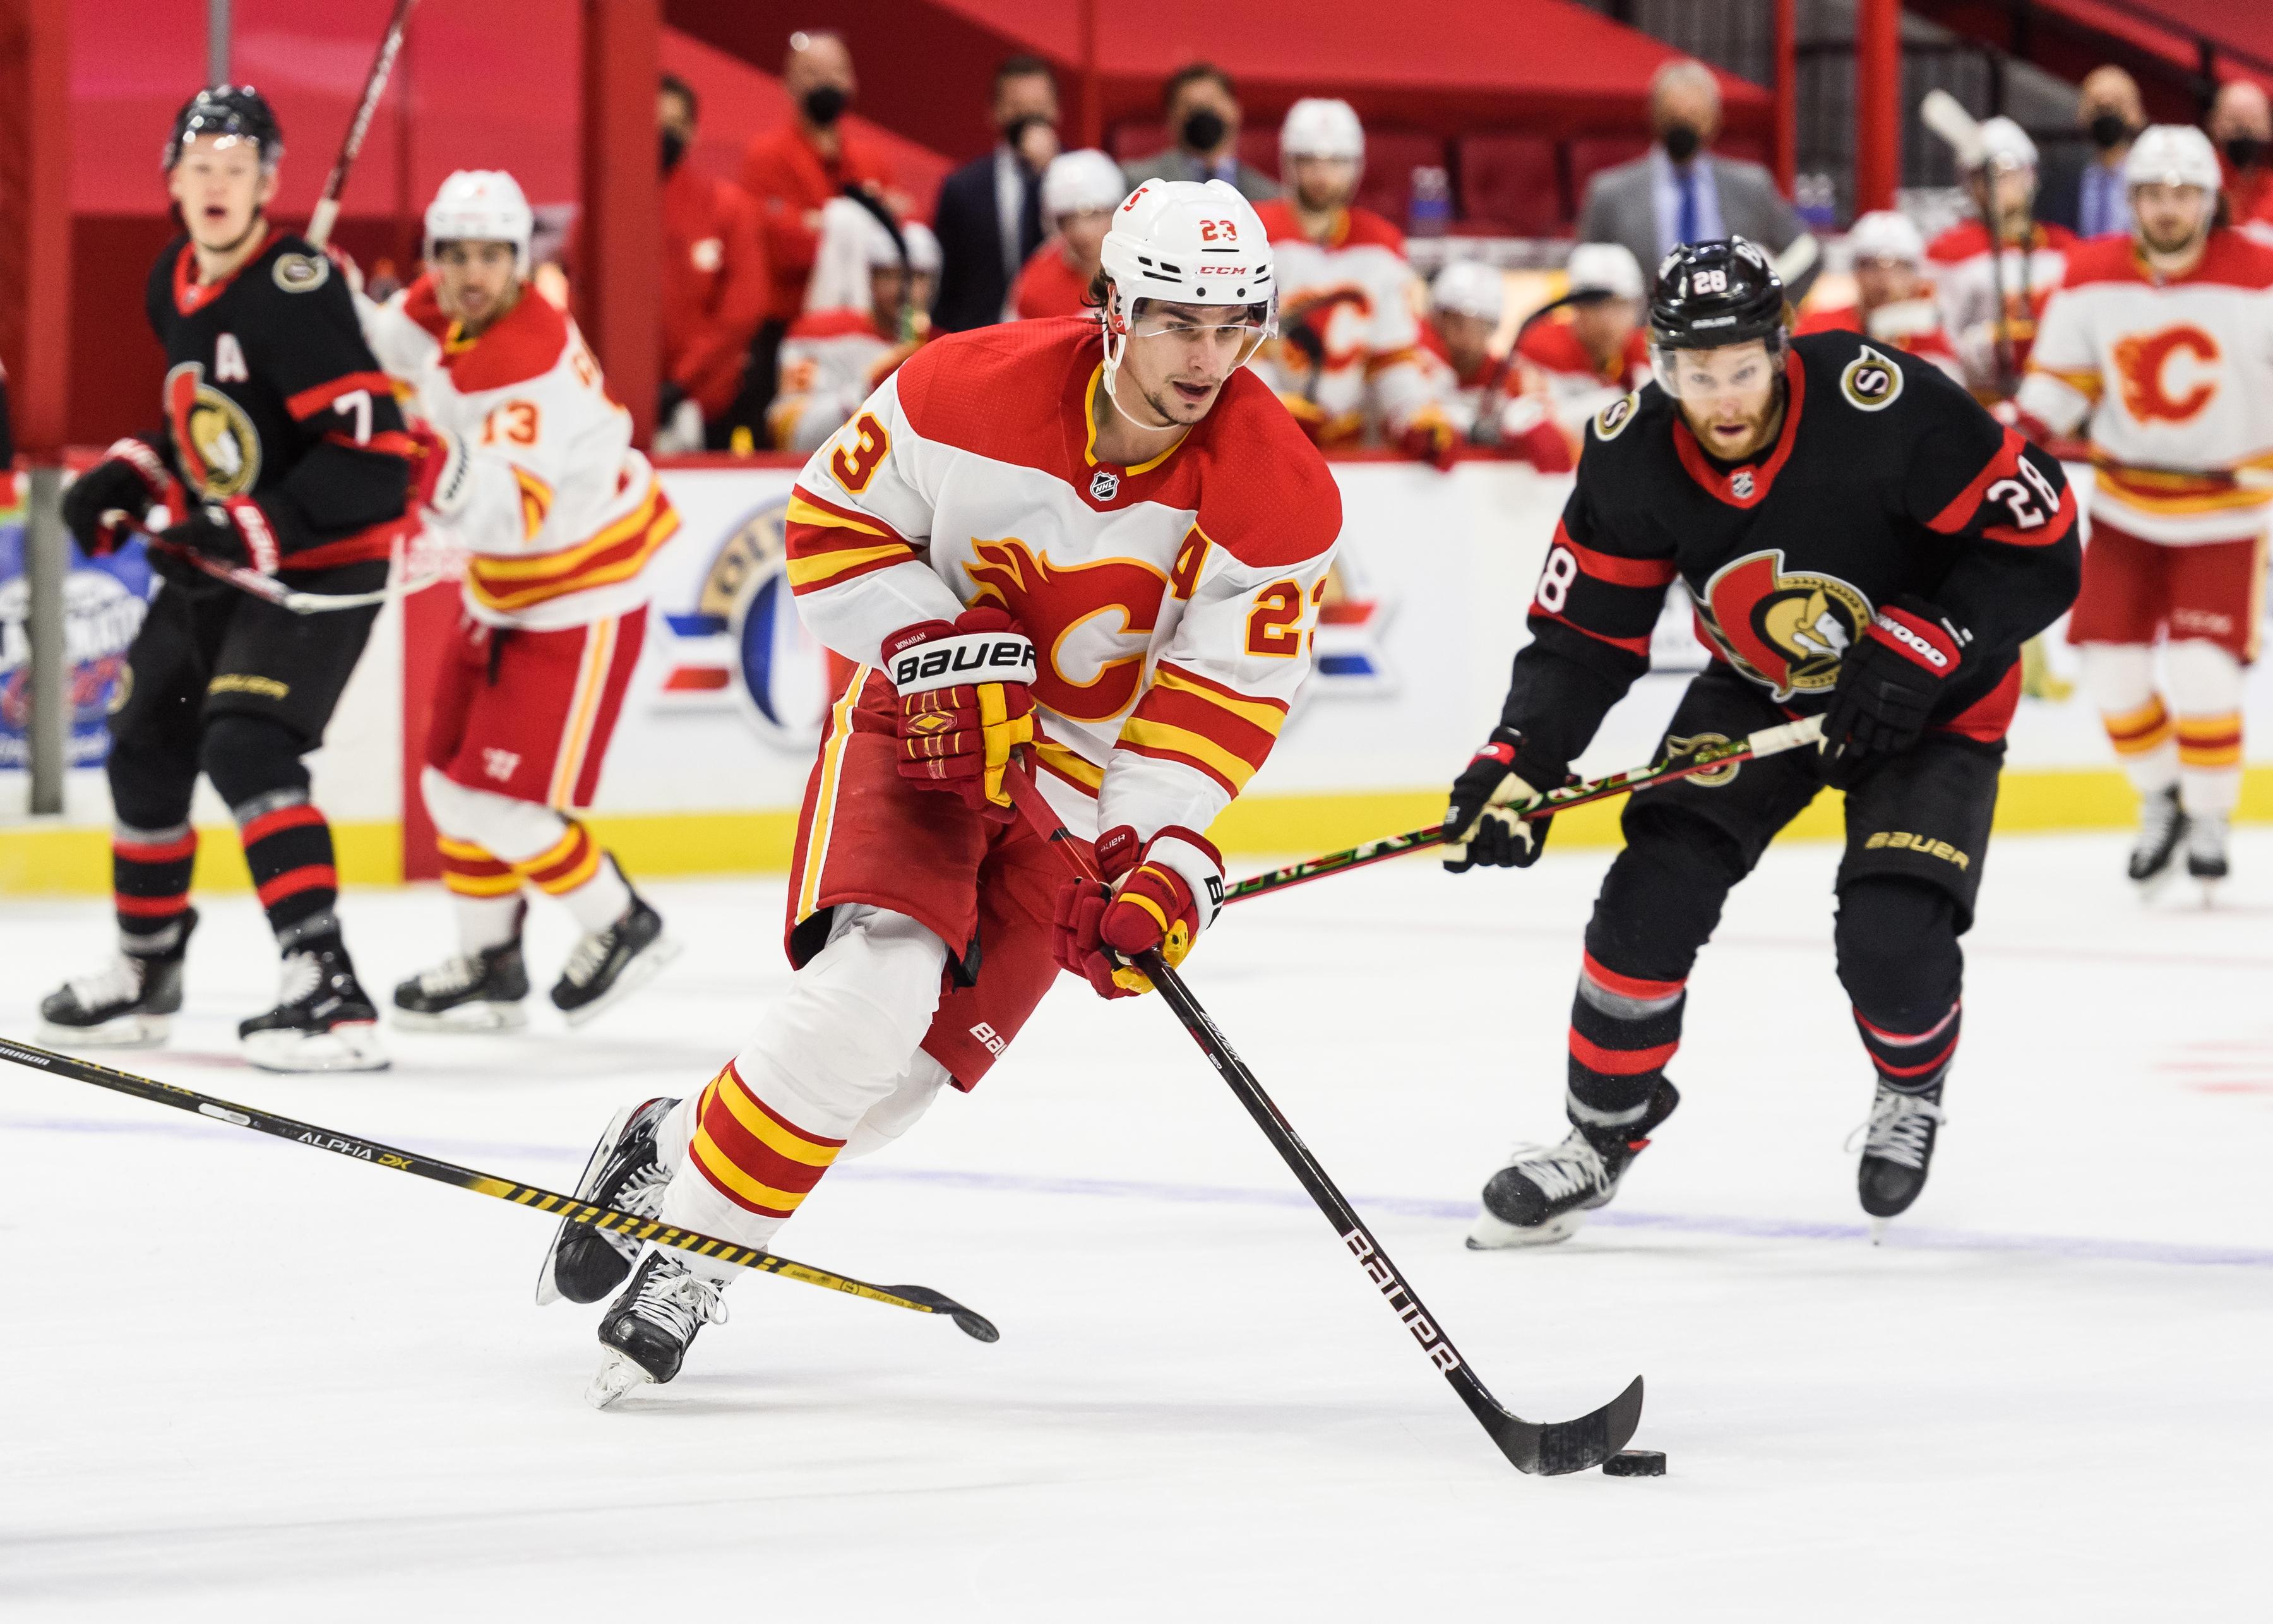 NHL: MAR 22 FLAMES AT SENATORS